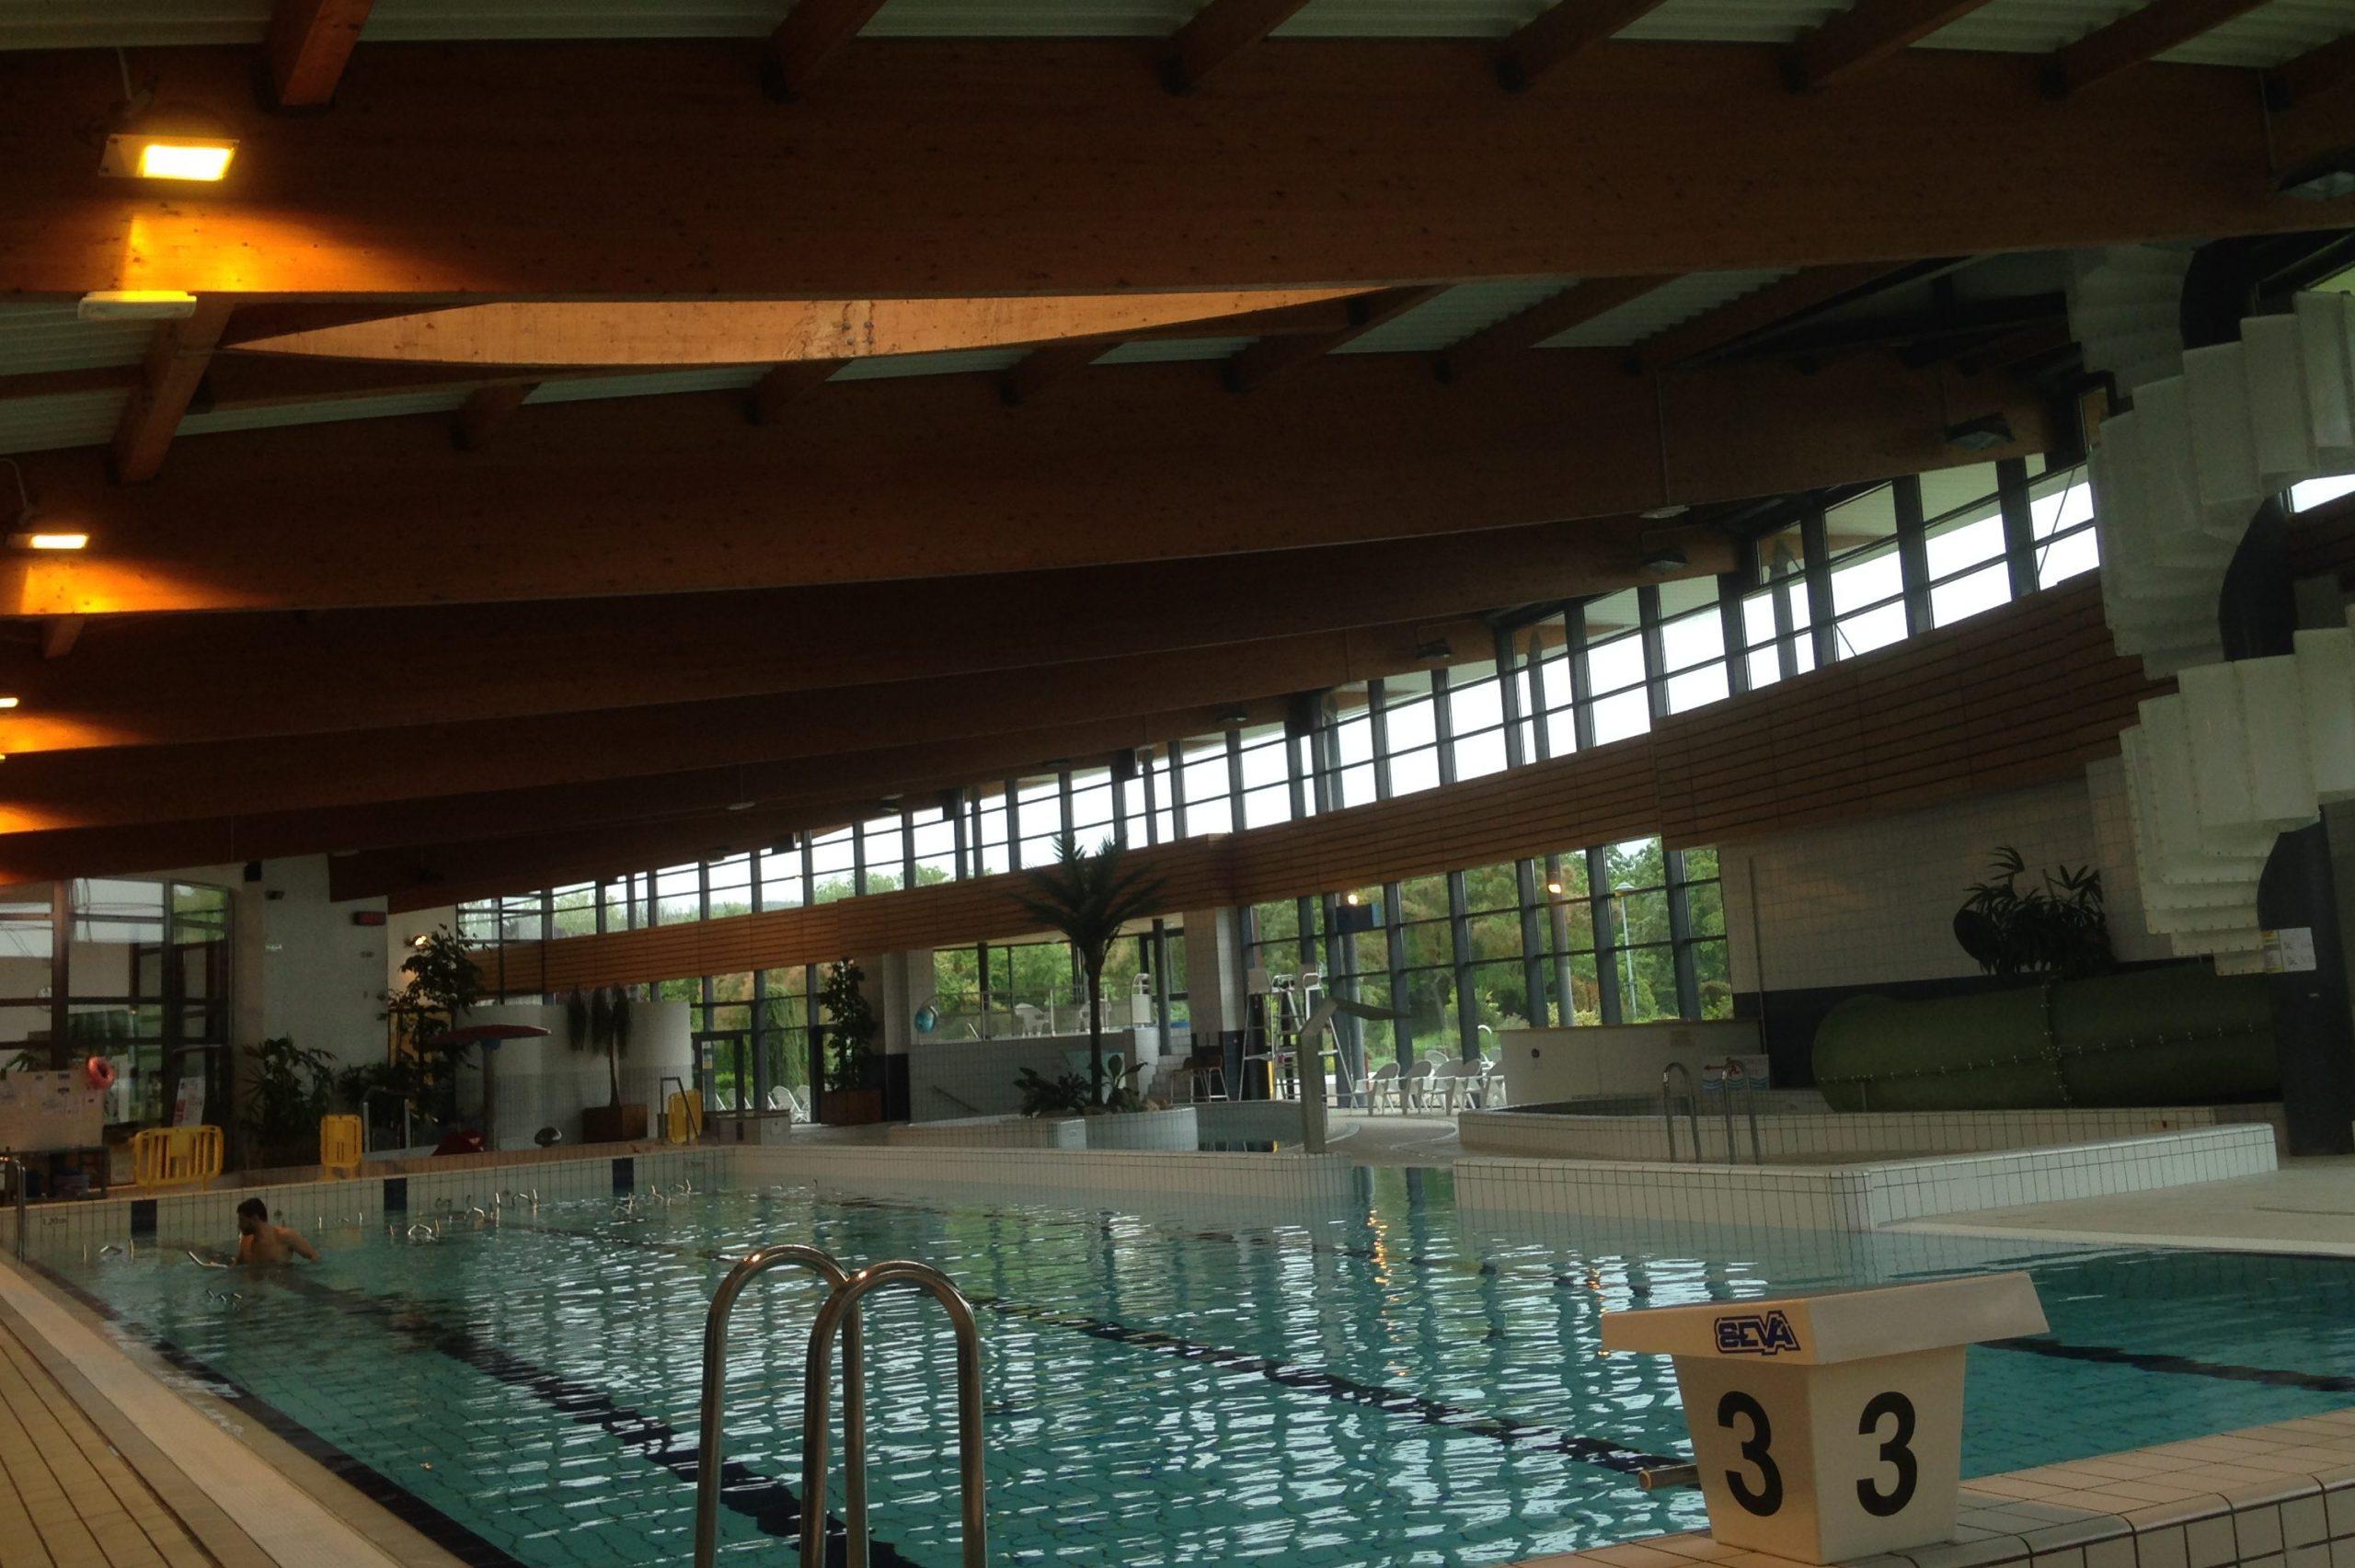 Arbonis | Saint Vulbas (01) – Piscine Sports Loisirs tout Piscine De Saint Vulbas